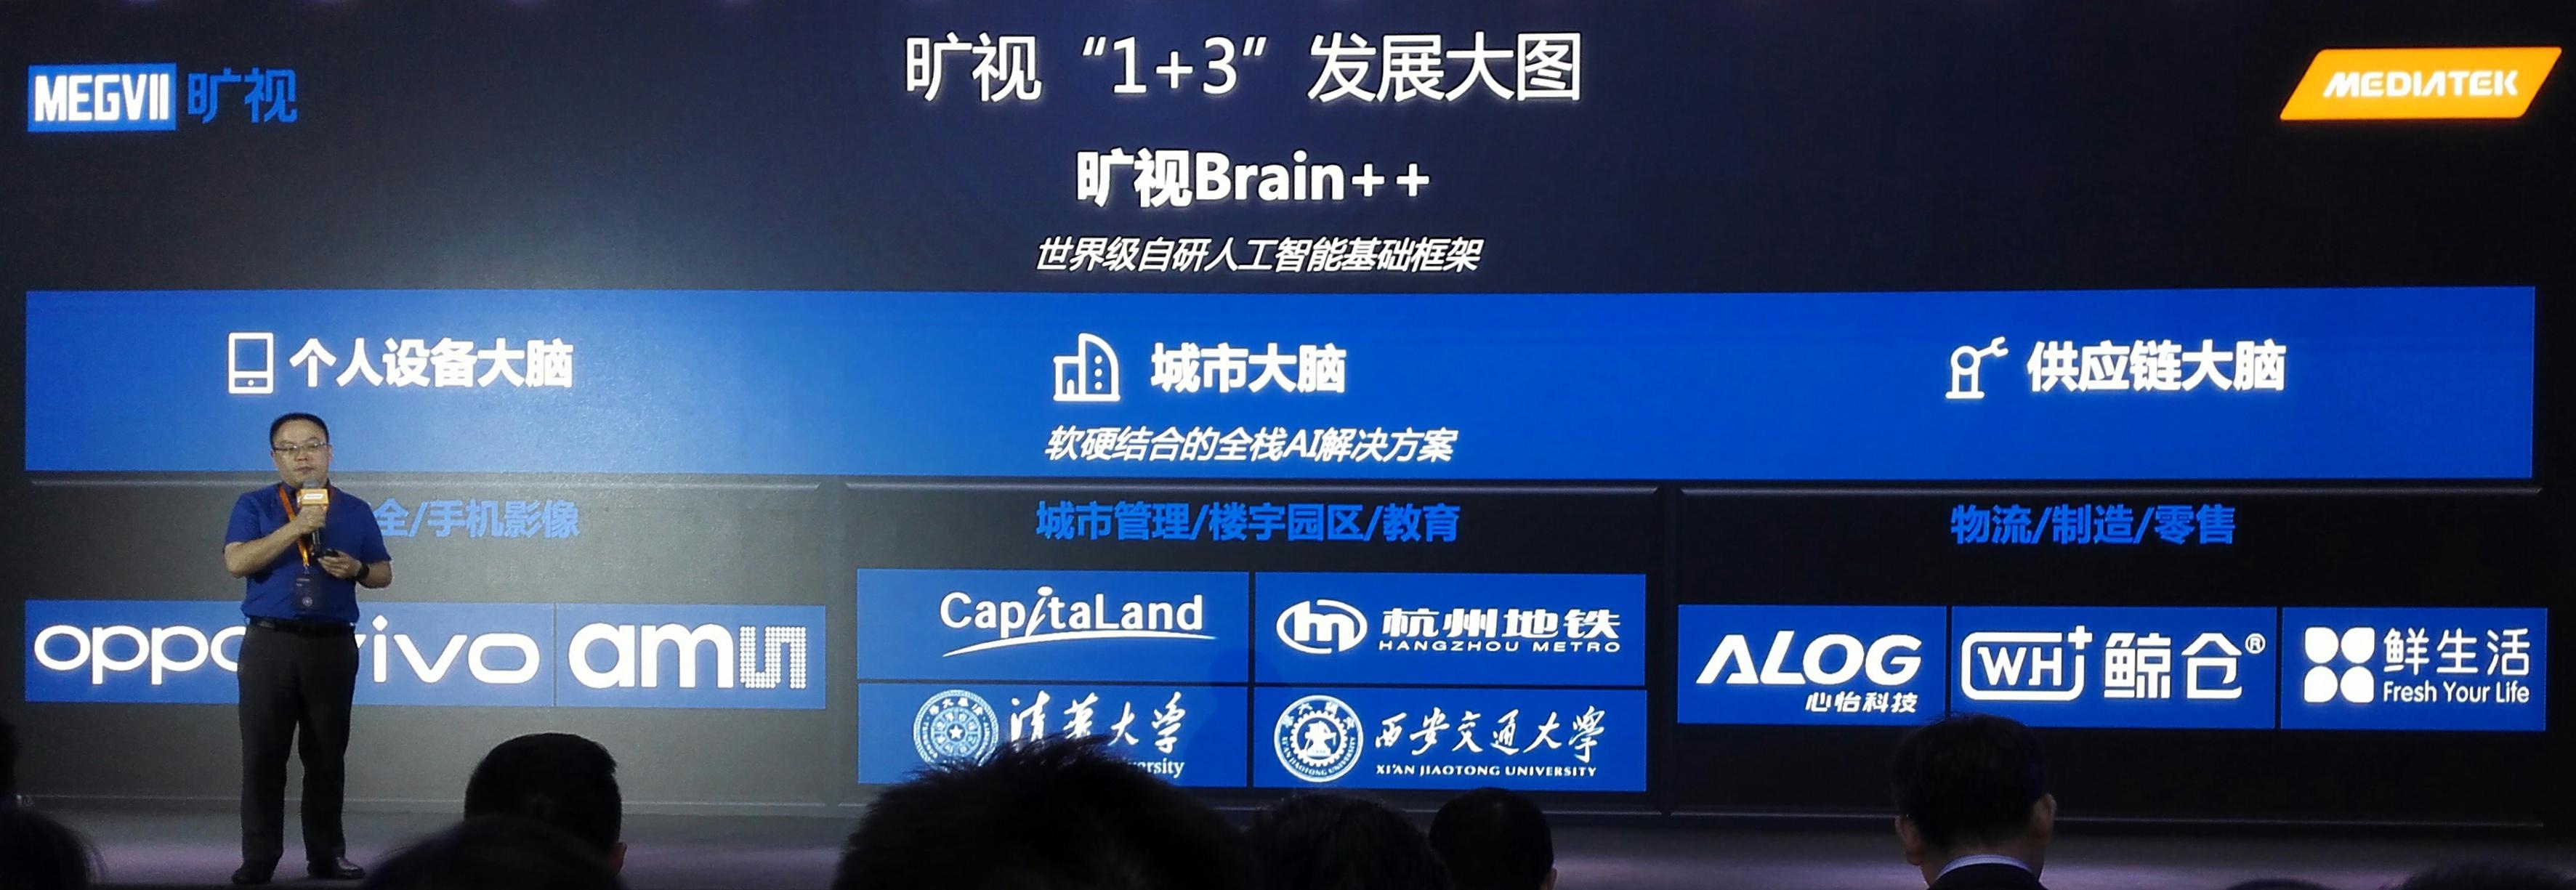 旷世的AI大脑计划